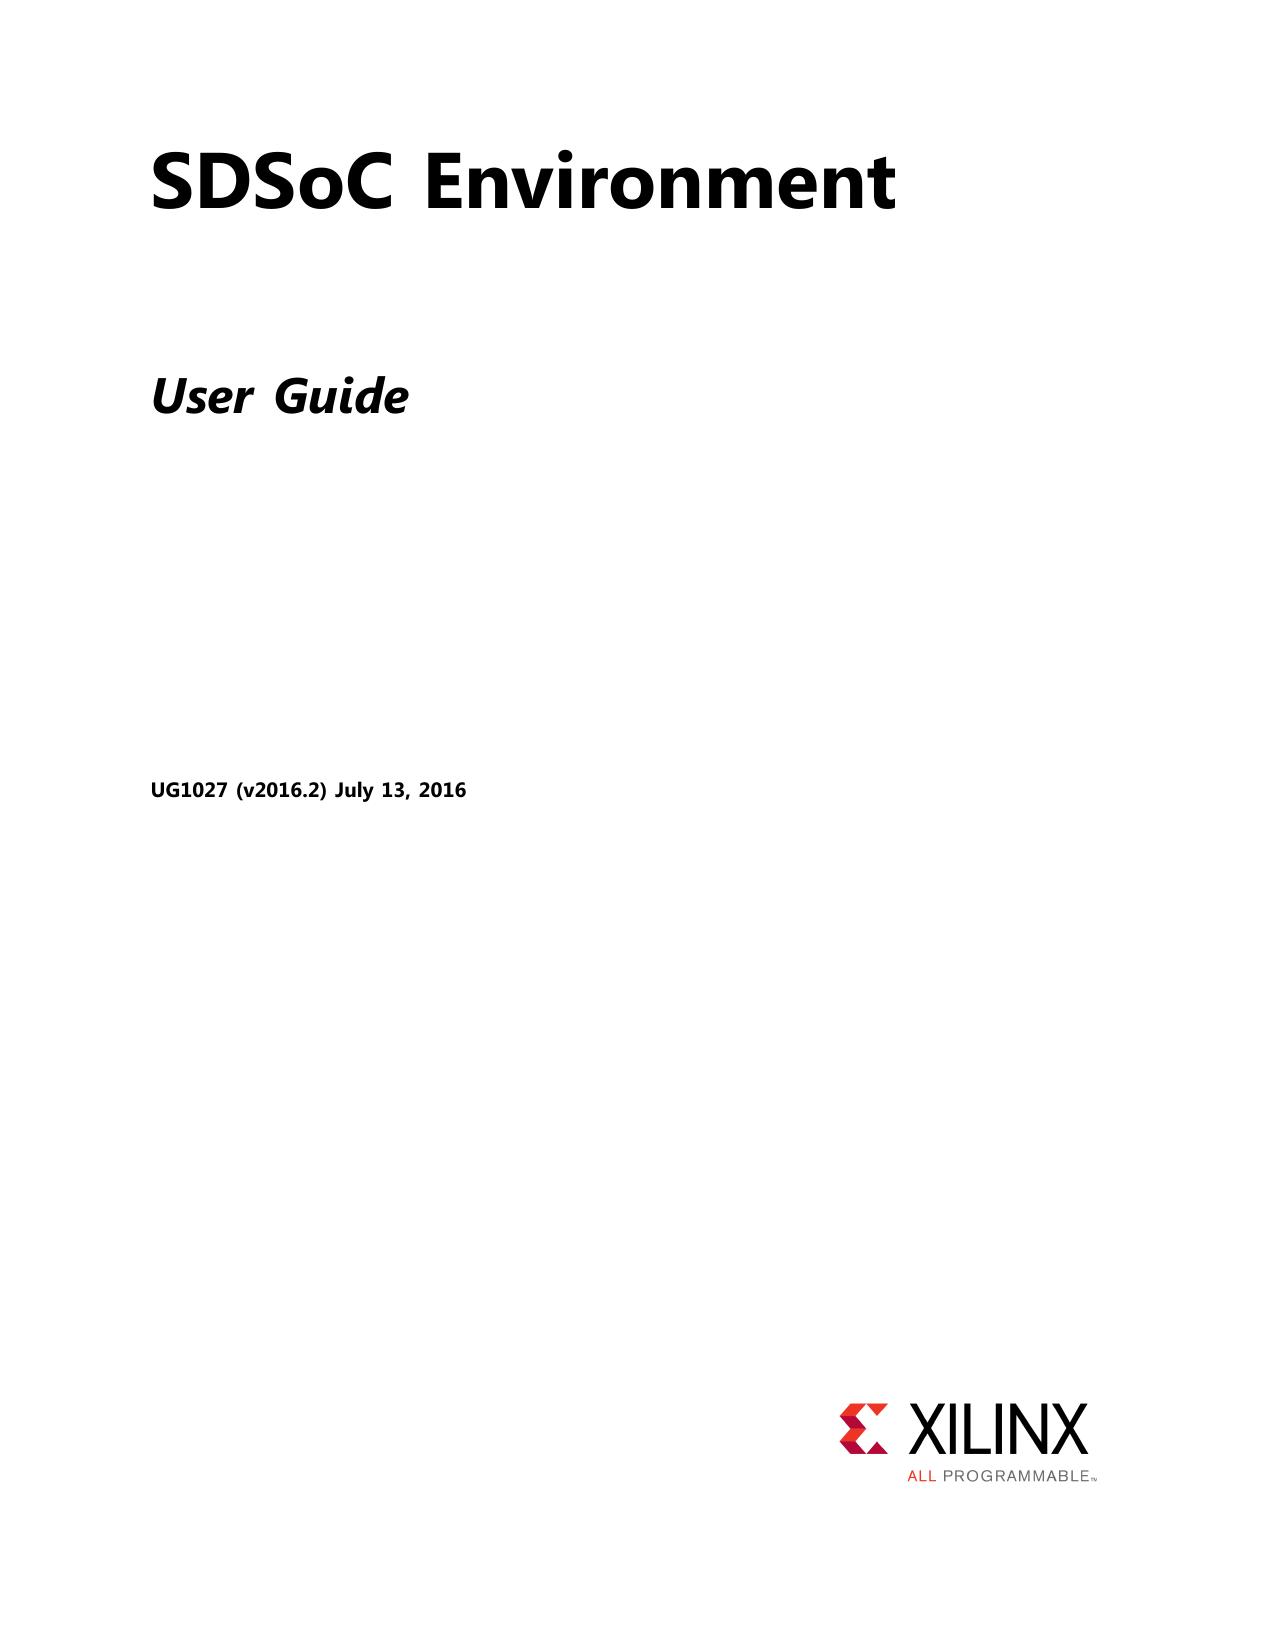 SDSoC Environment User Guide (UG1027) | manualzz com